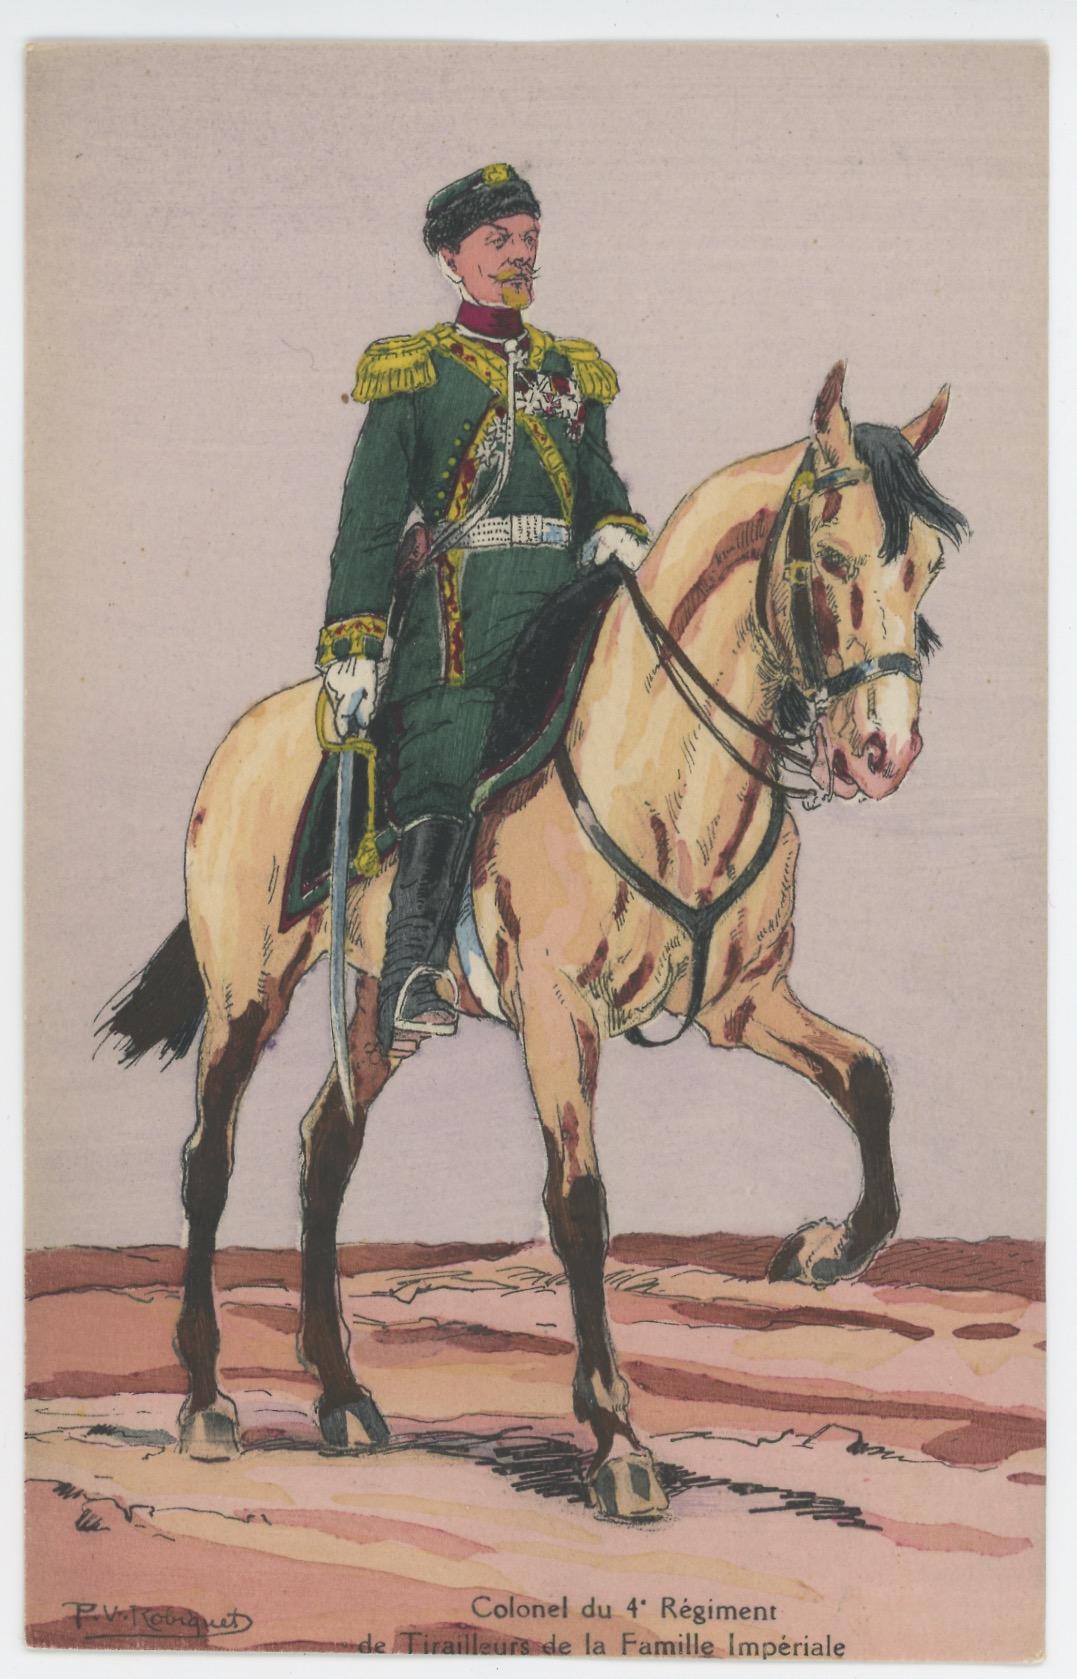 Carte Postale Illustrée - P.V. Robiquet - Edition Militaire Illustrées - Russie - Colonel Régiment de Tirailleurs - 1914